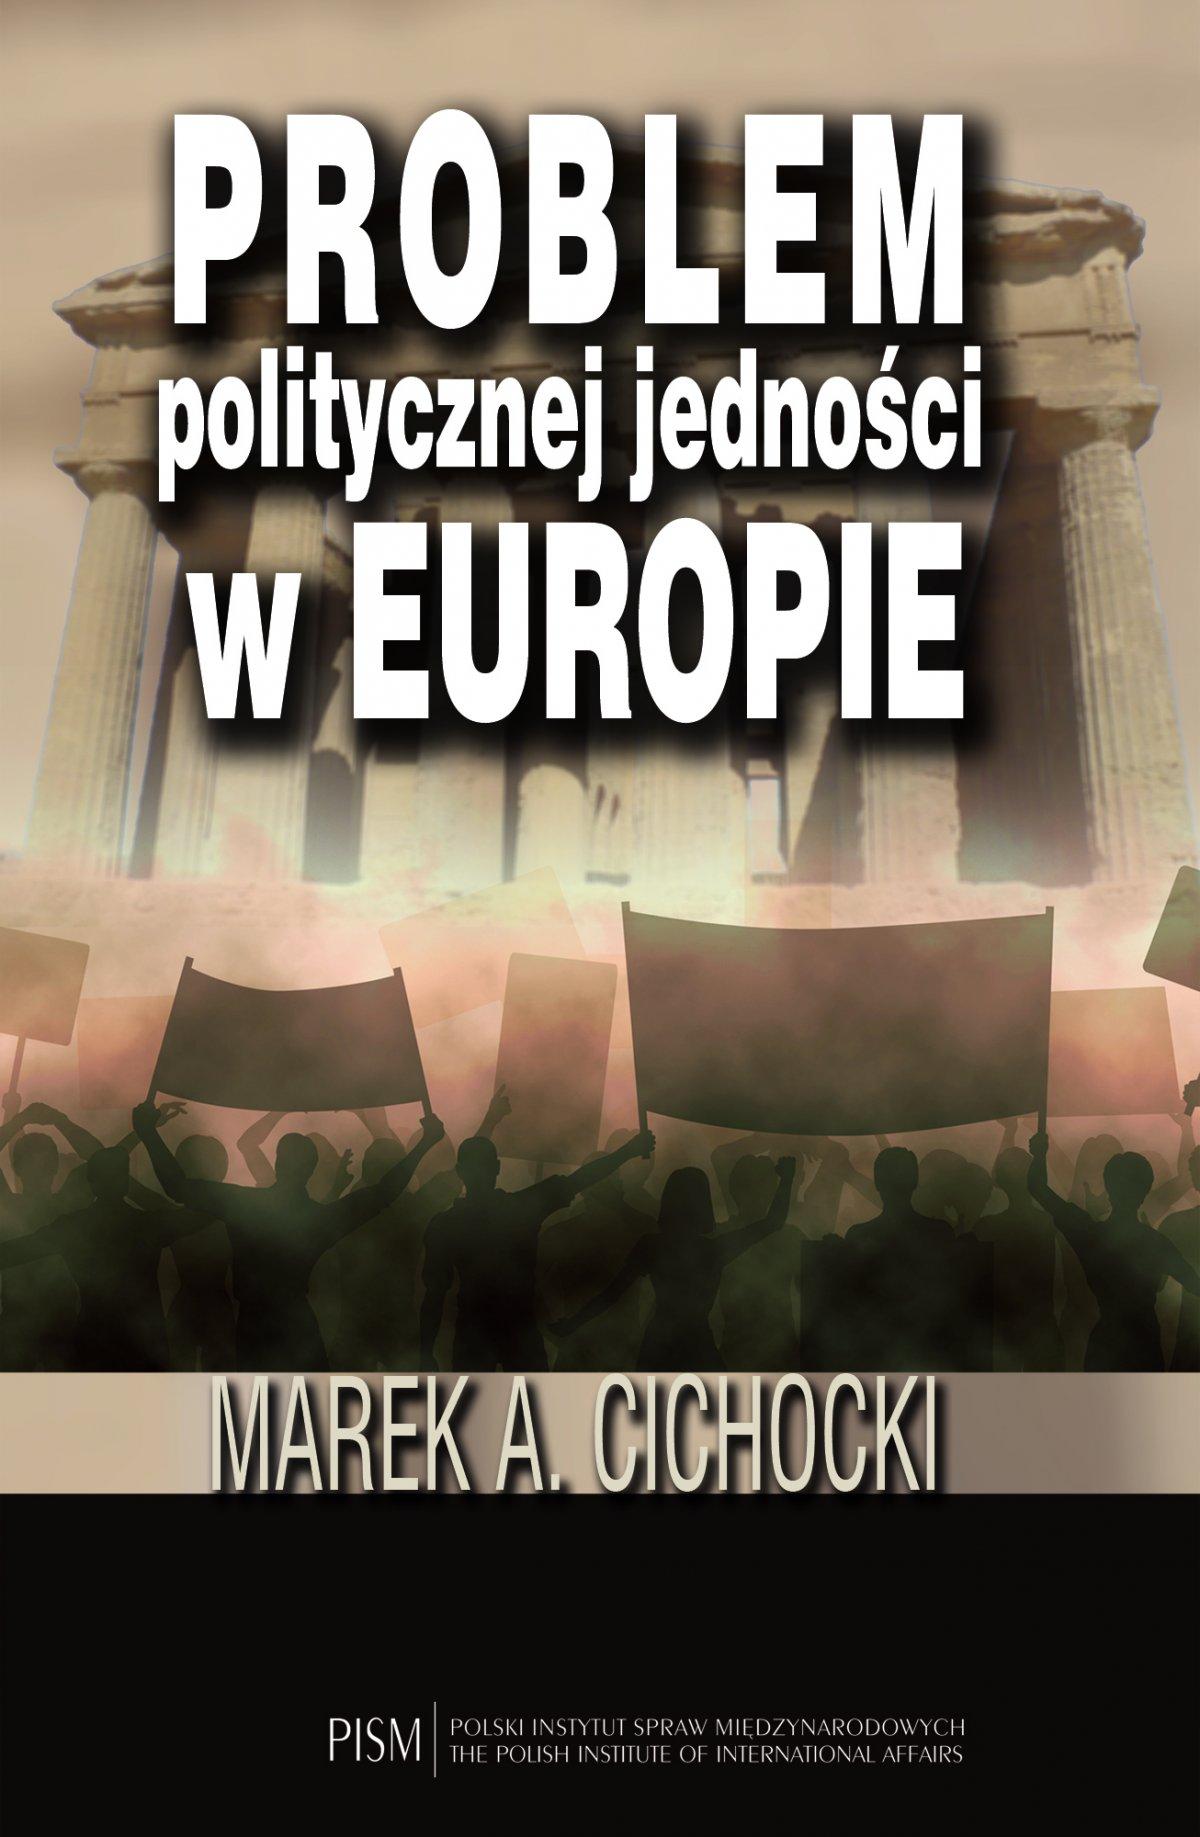 Problem politycznej jedności w Europie - Ebook (Książka EPUB) do pobrania w formacie EPUB